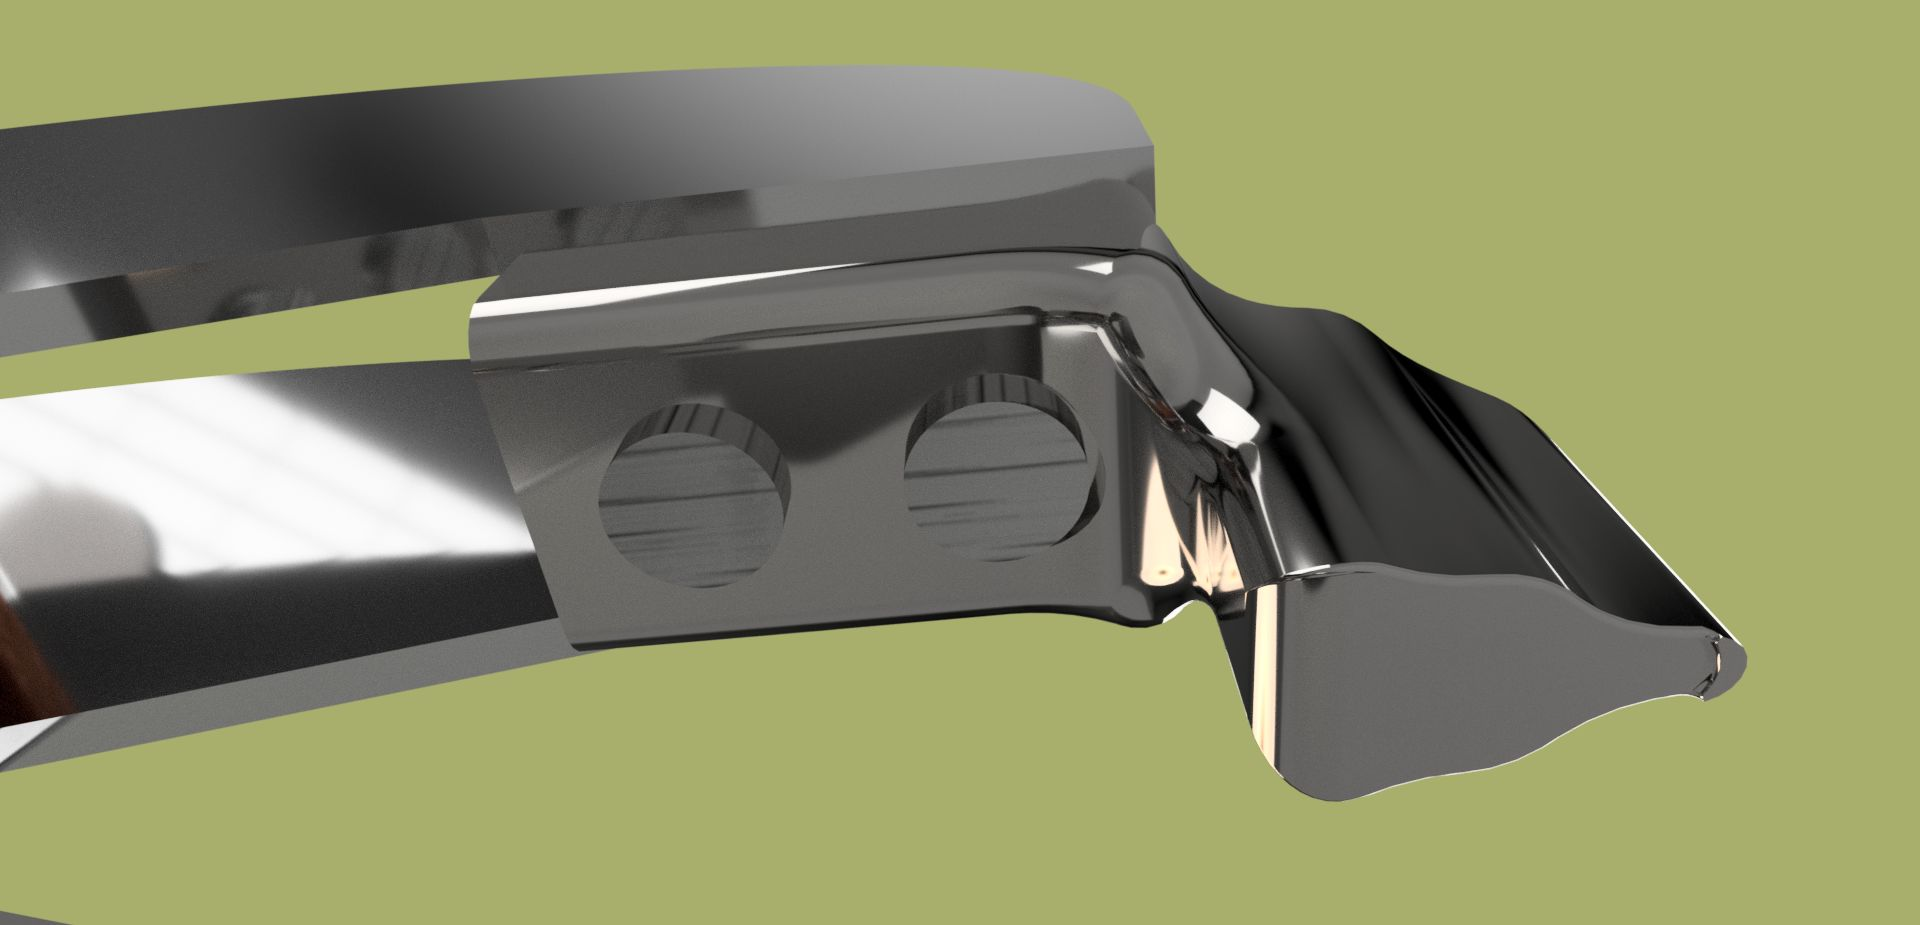 Staple-remover-v9d-3500-3500